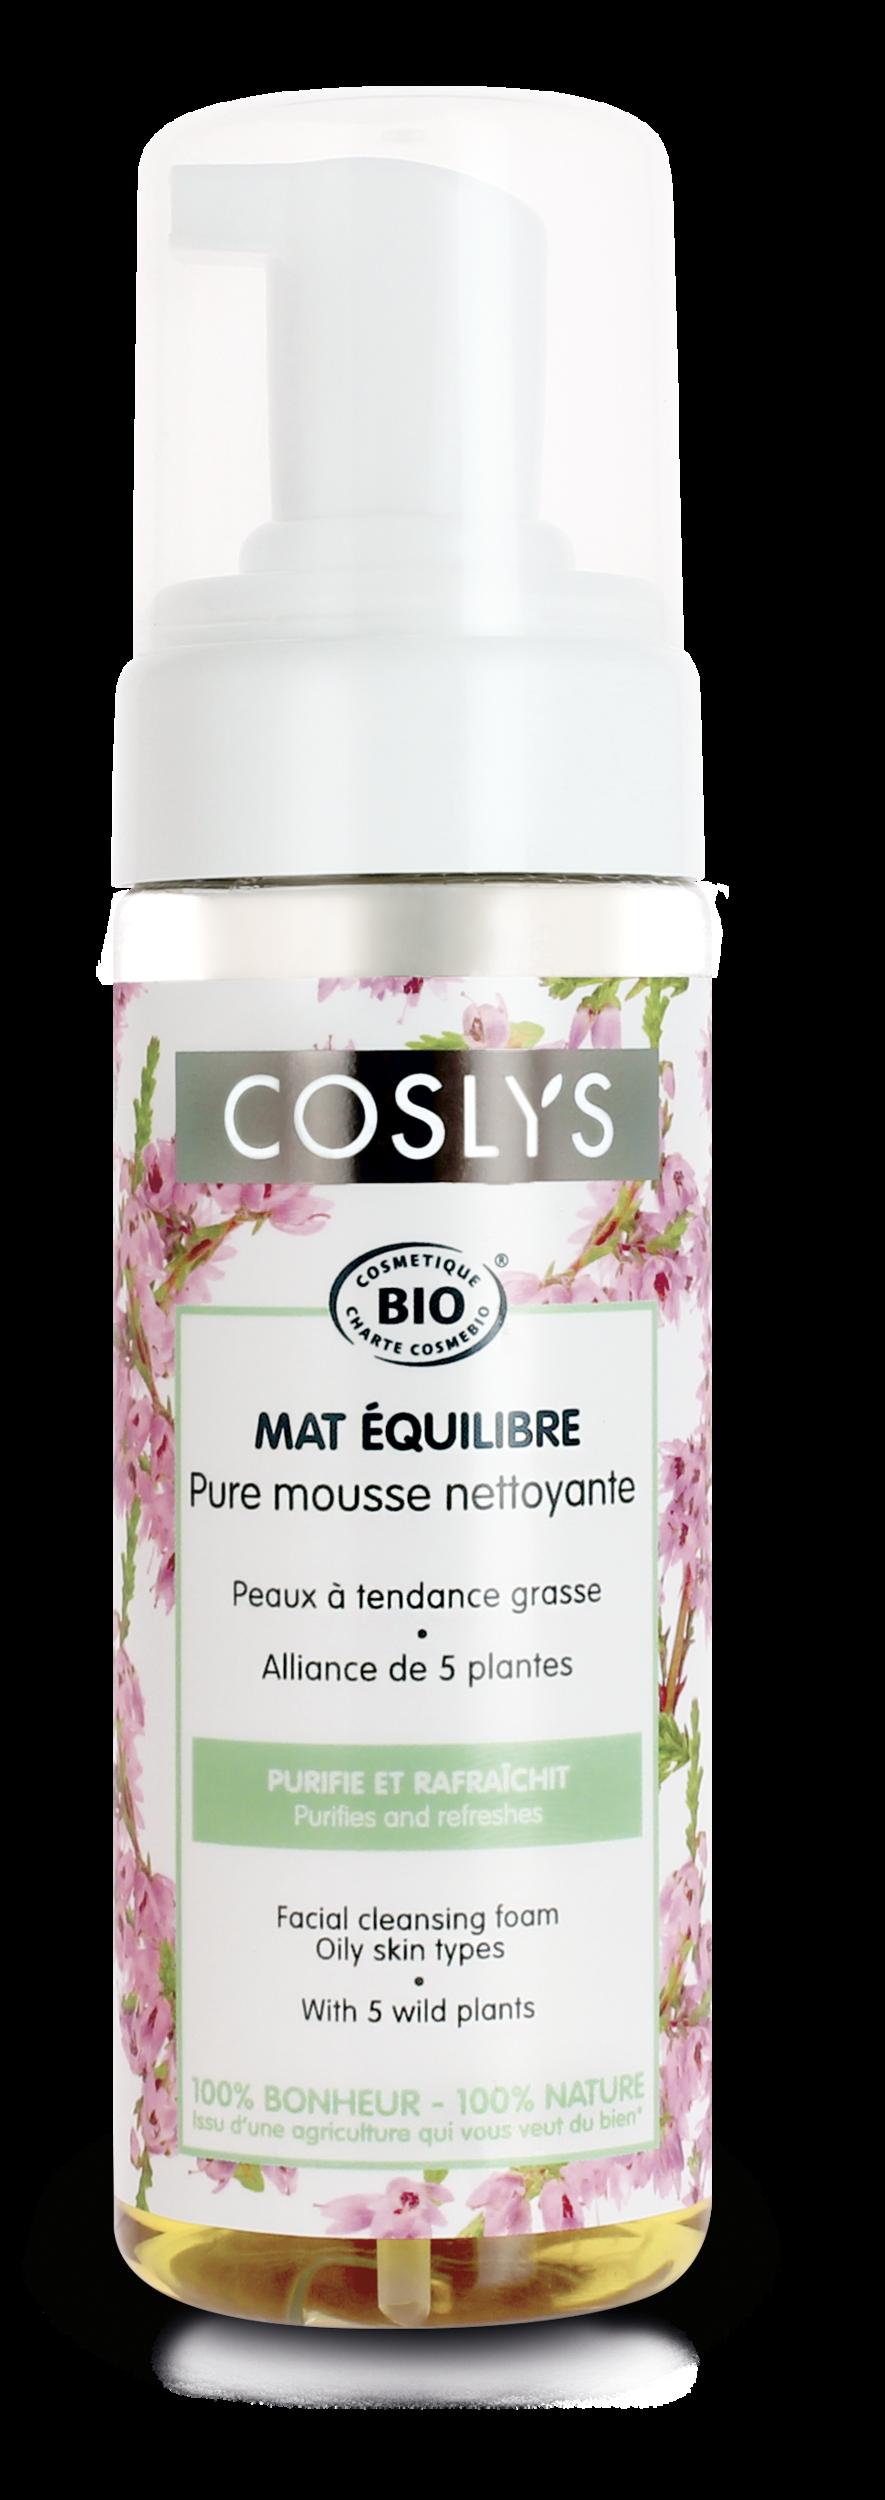 Coslys-mat équilibre-pure mousse nettoyante 150ml